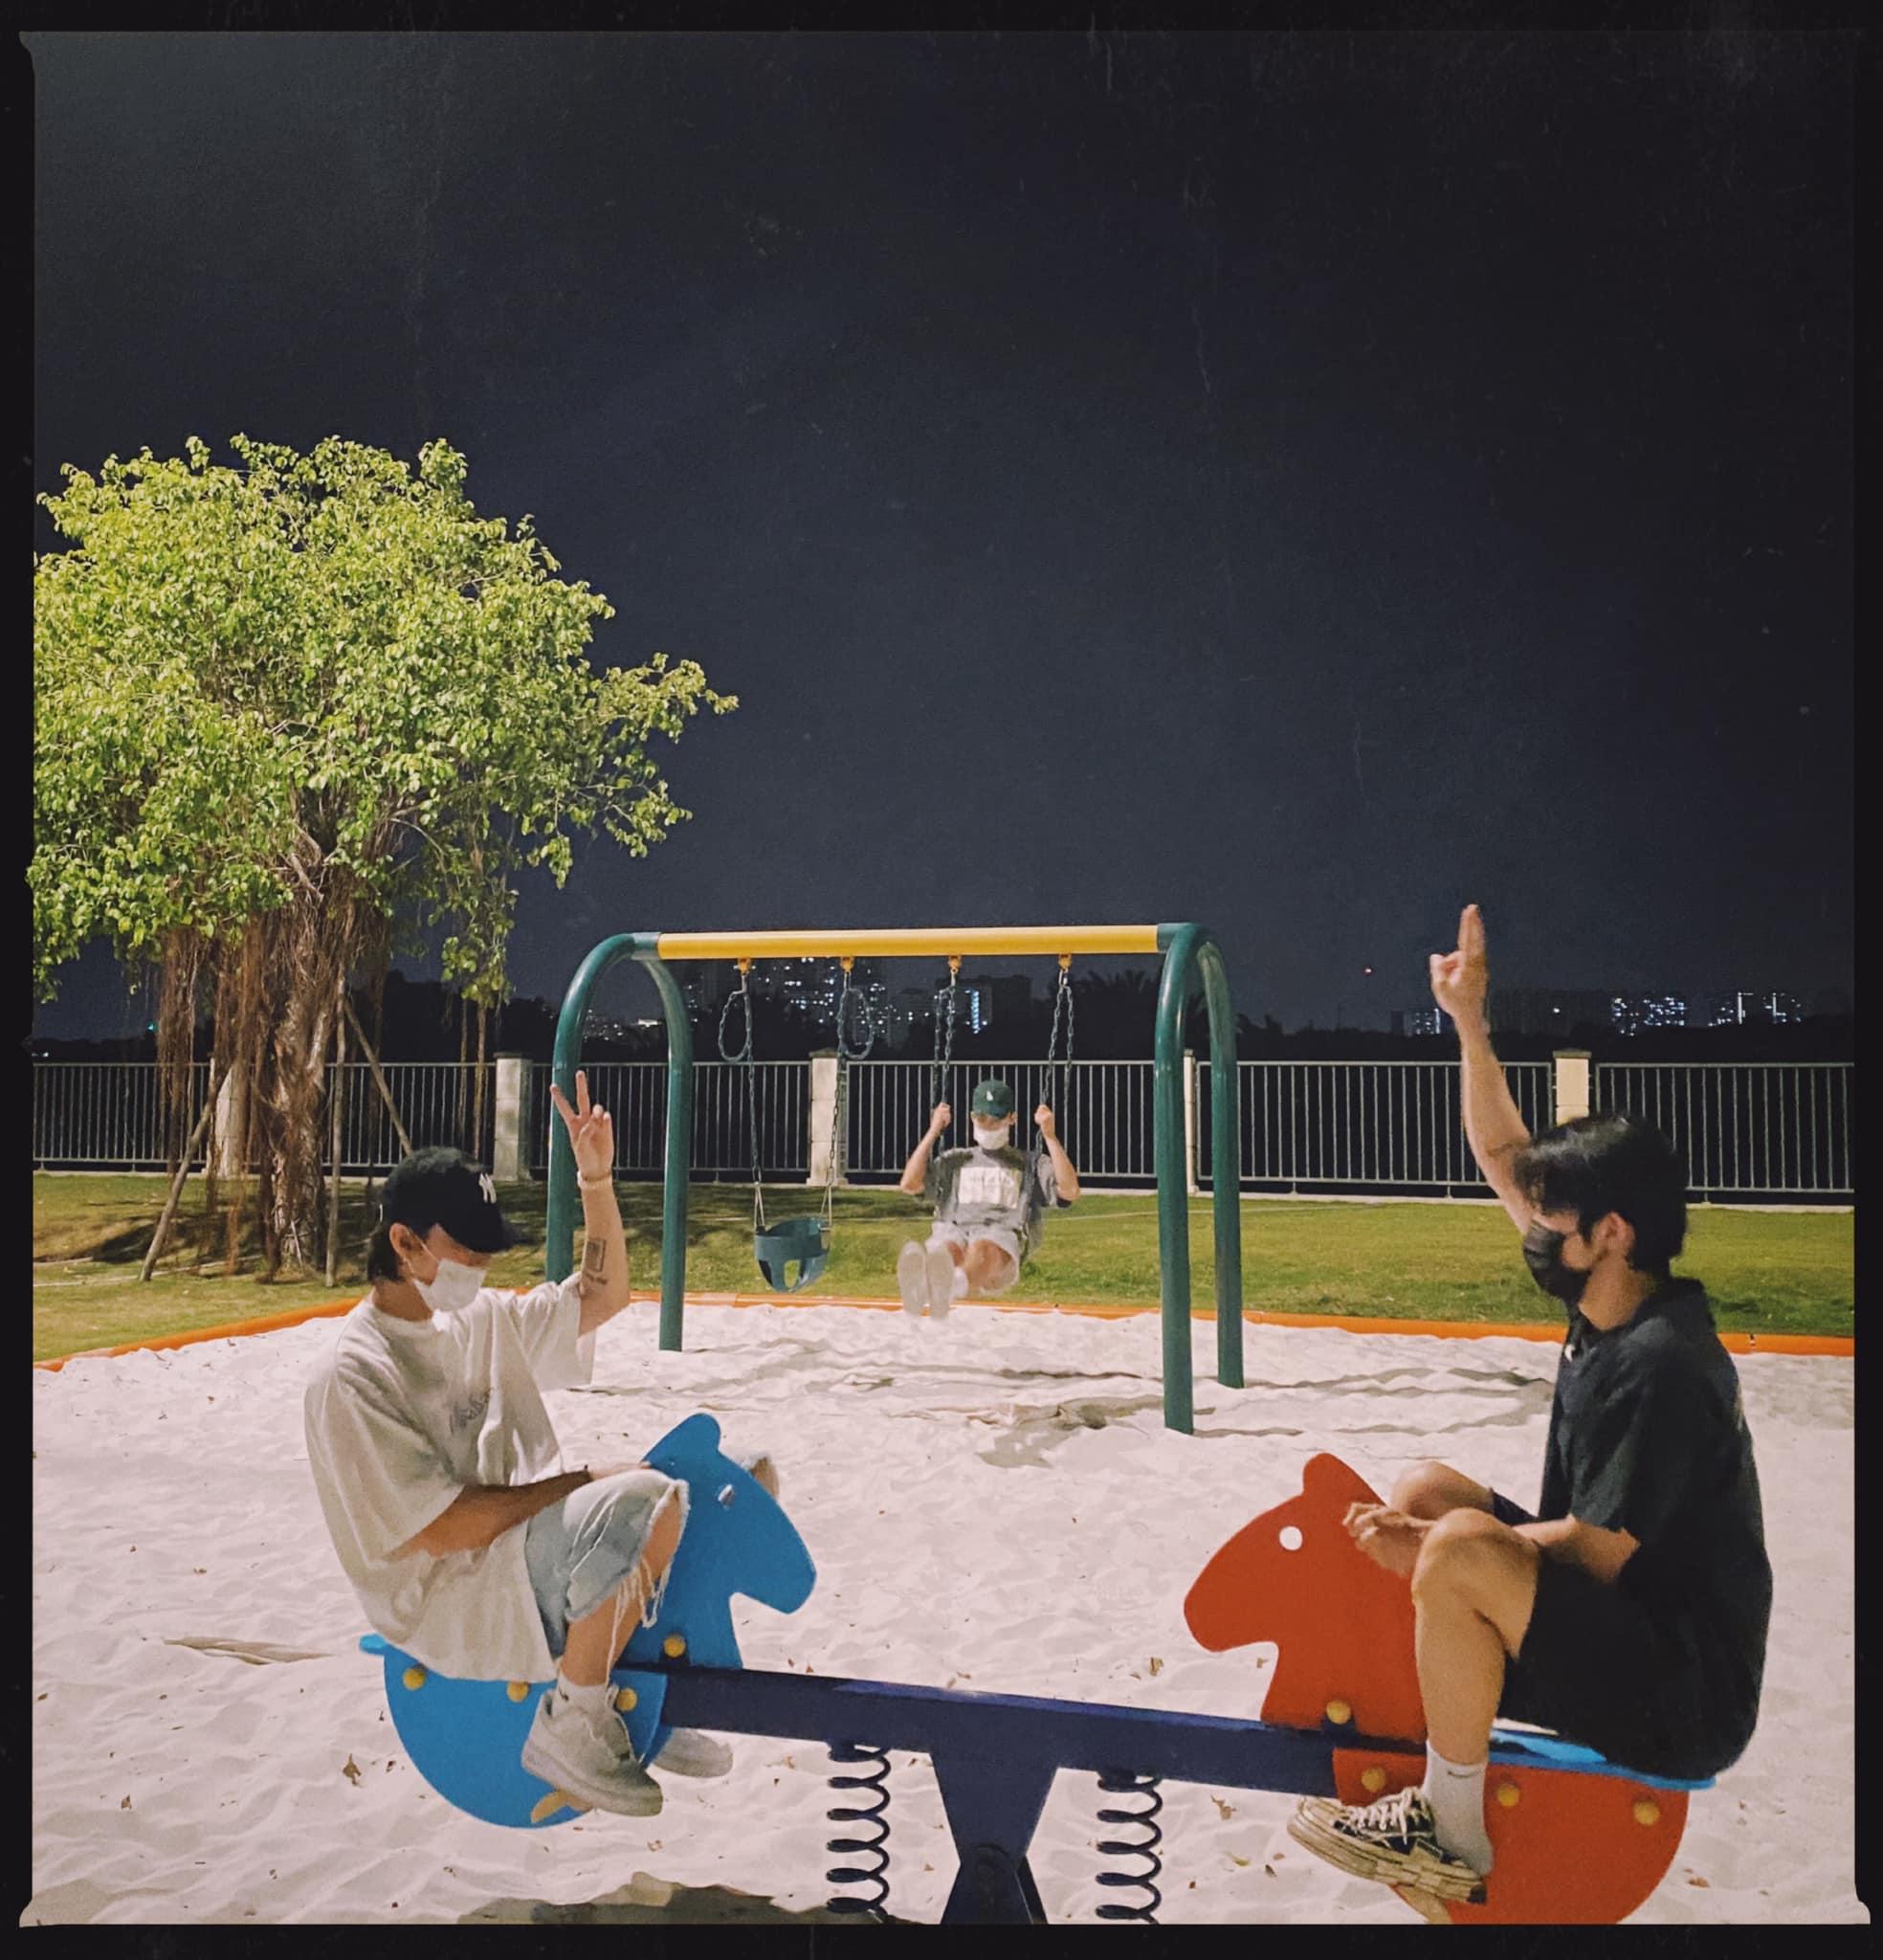 Sơn Tùng đi chơi 3 người với em trai và gà cưng Kay Trần ở công viên, 12h đêm dàn soái ca đăng ảnh che mặt mà cũng gây sốt - Ảnh 2.